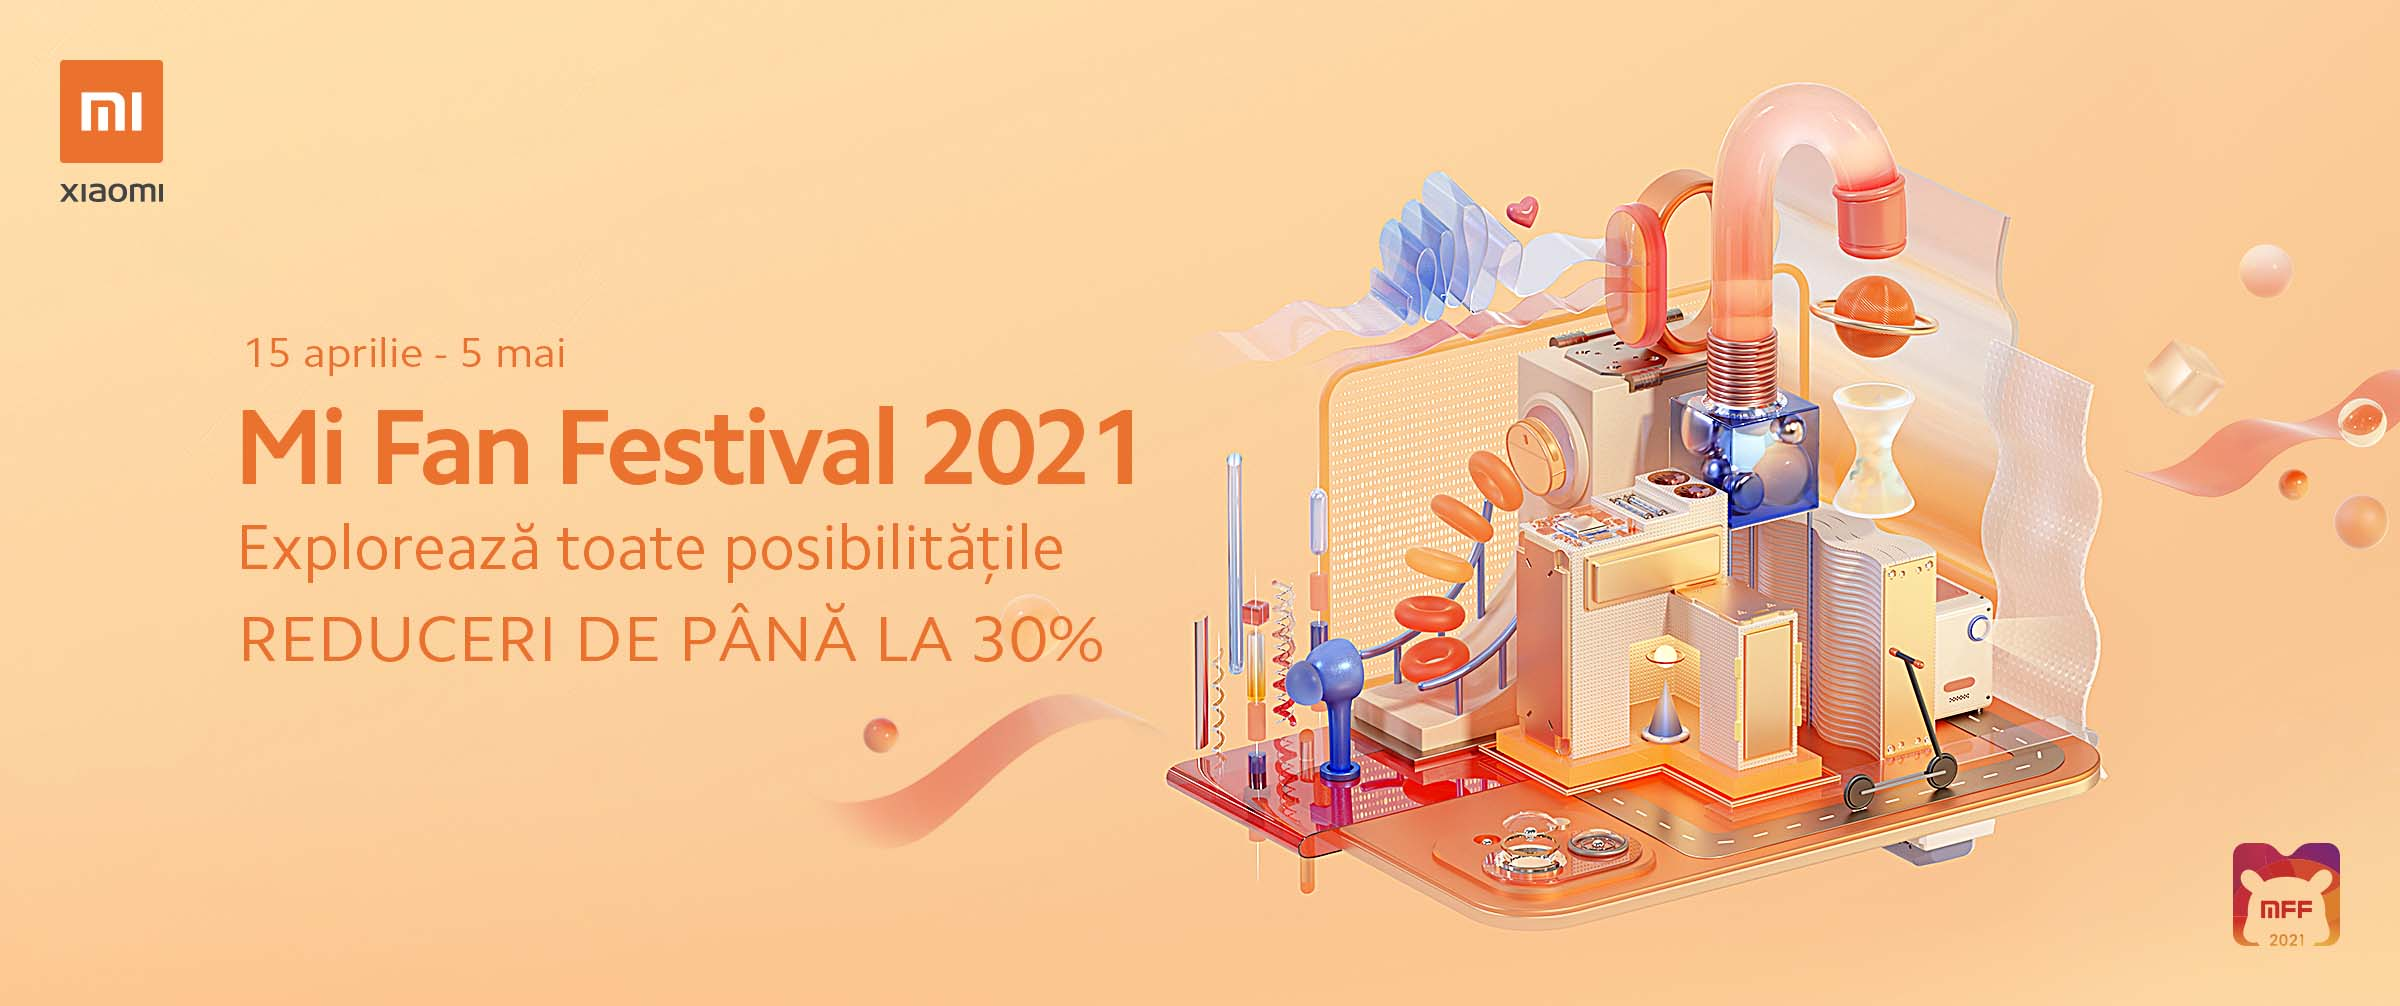 Xiaomi dă startul Mi Fan Festival în România